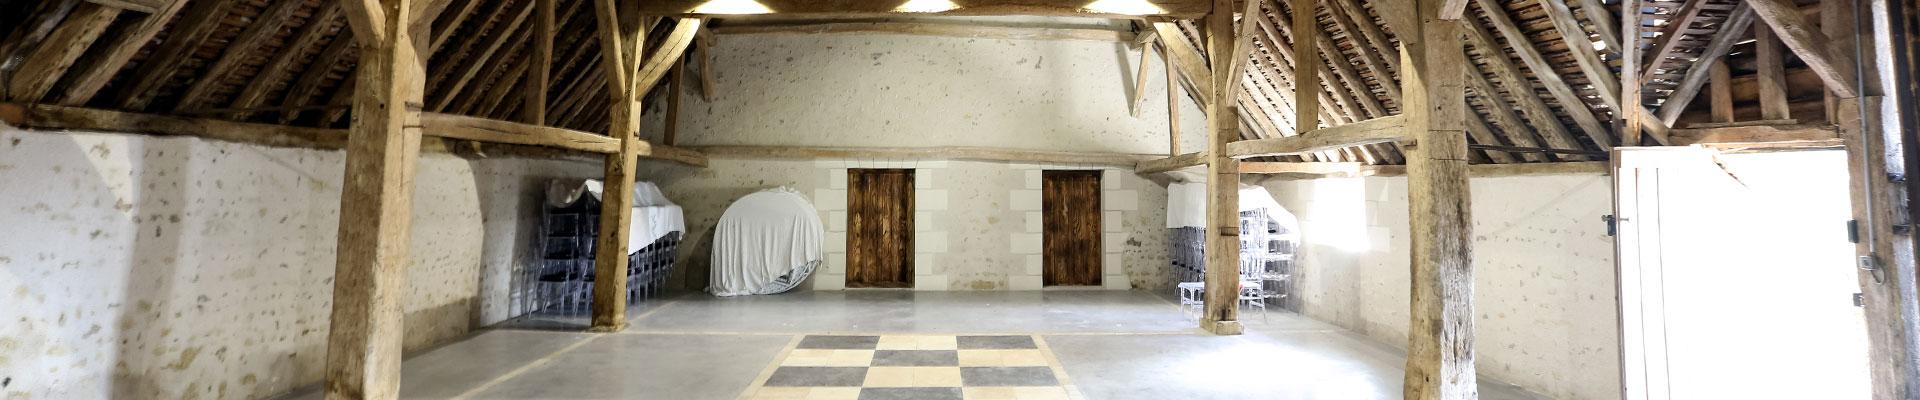 Salle de mariage et réception à Noizay en Indre et Loire.